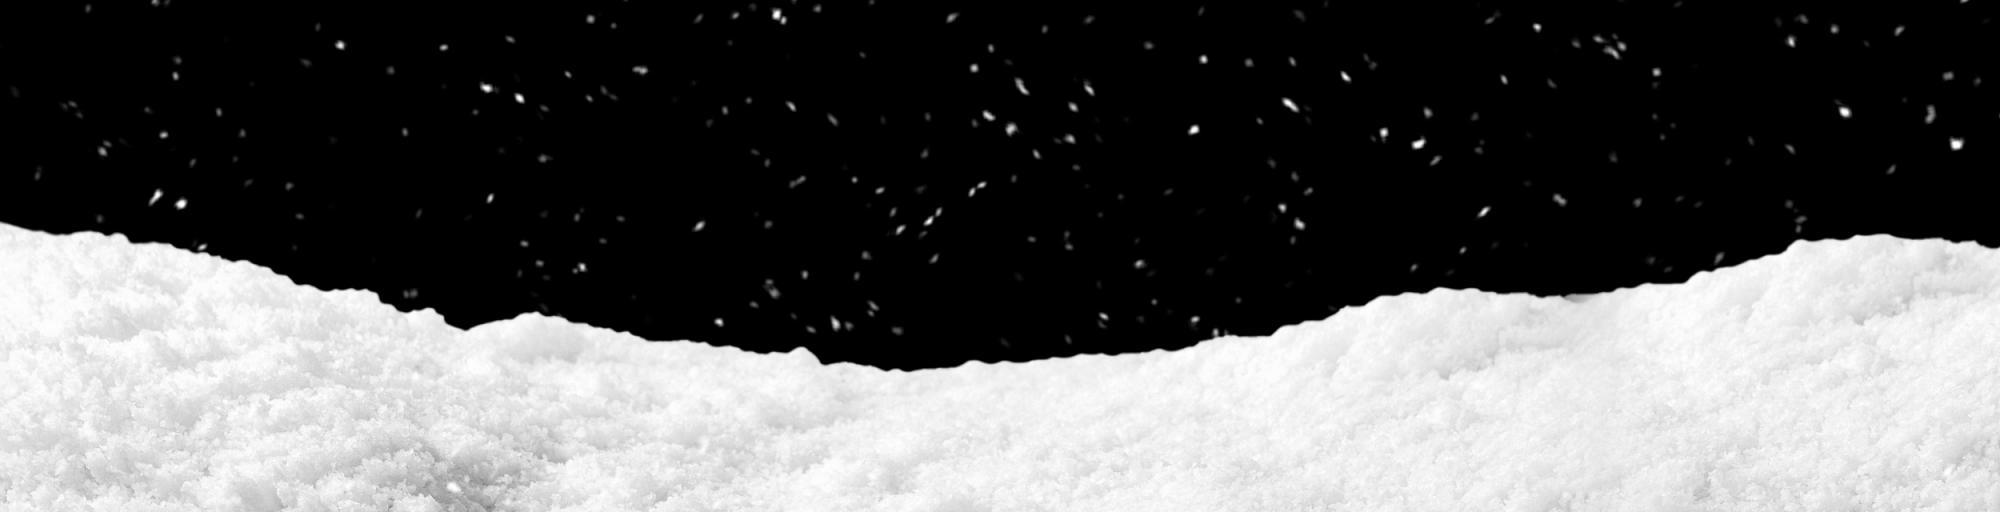 Schneemaschinen leihen